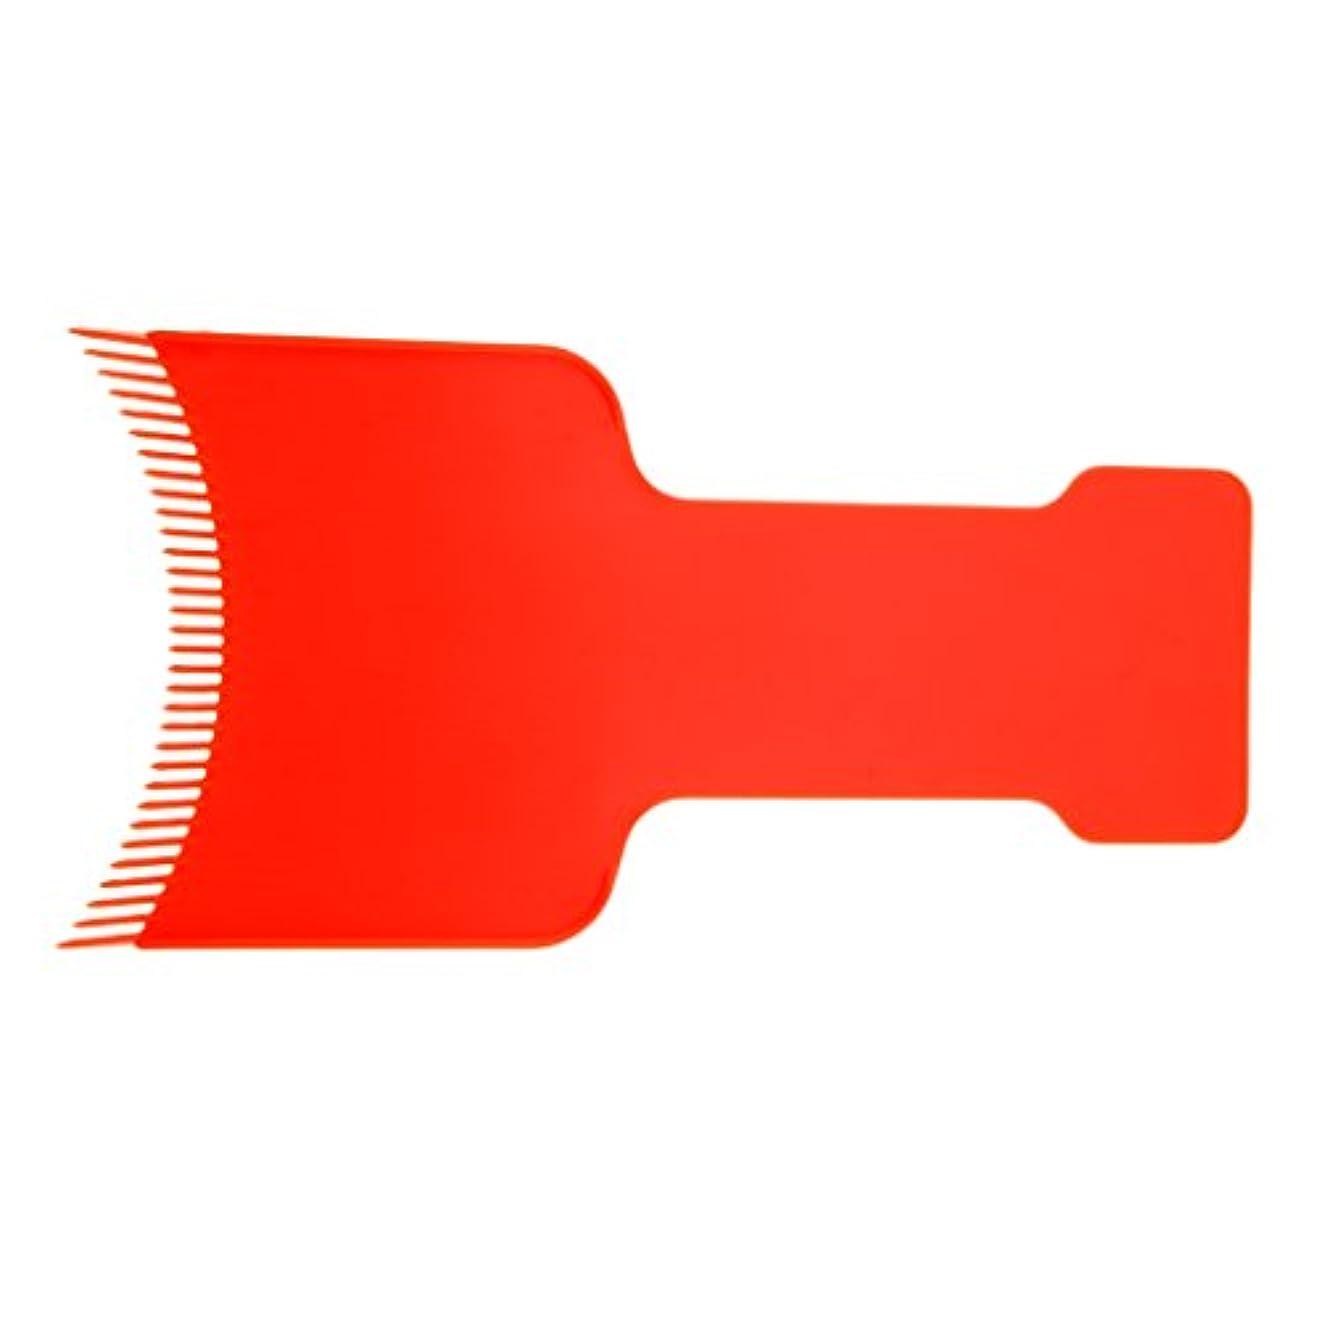 実行可能明るい問い合わせるCUTICATE サロンヘアカラーボードヘアカラーティントプレート理髪美容美容 健康